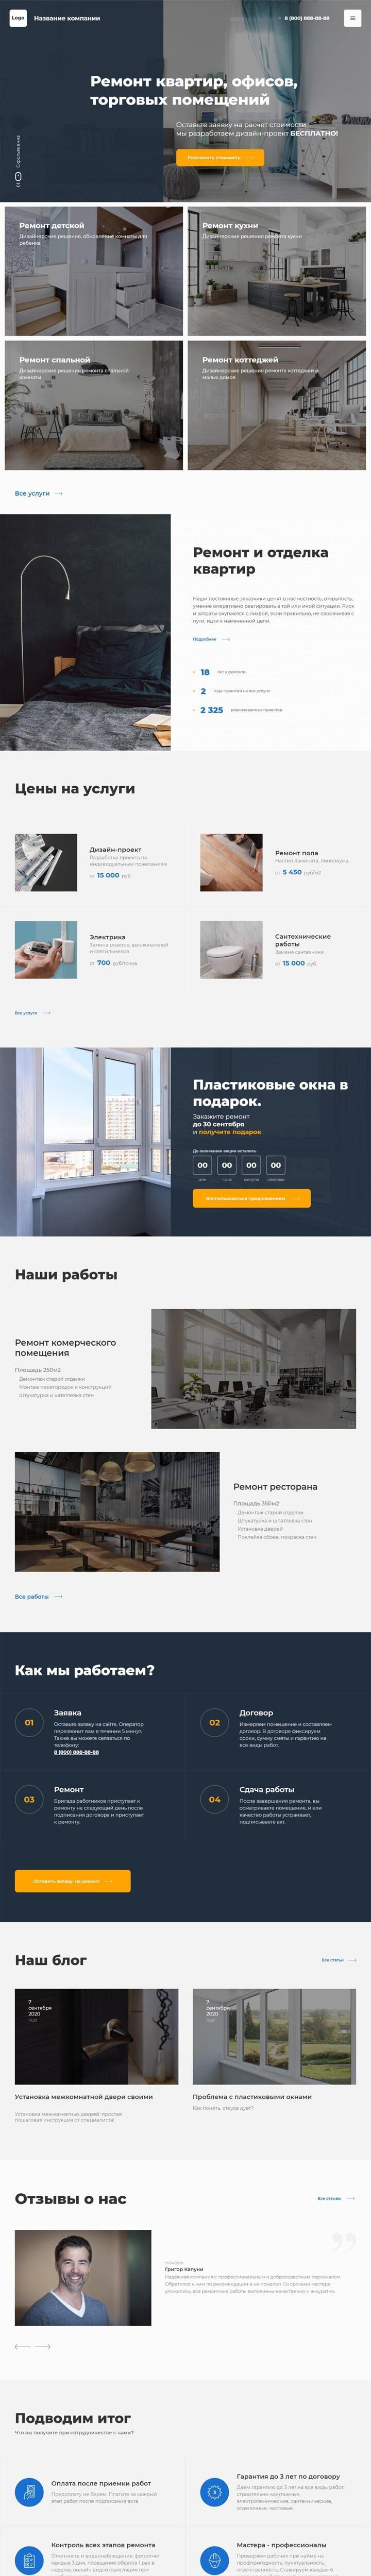 Готовый Сайт-Бизнес #2794446 - Ремонт и отделка квартир и помещений (Главная версия 3)